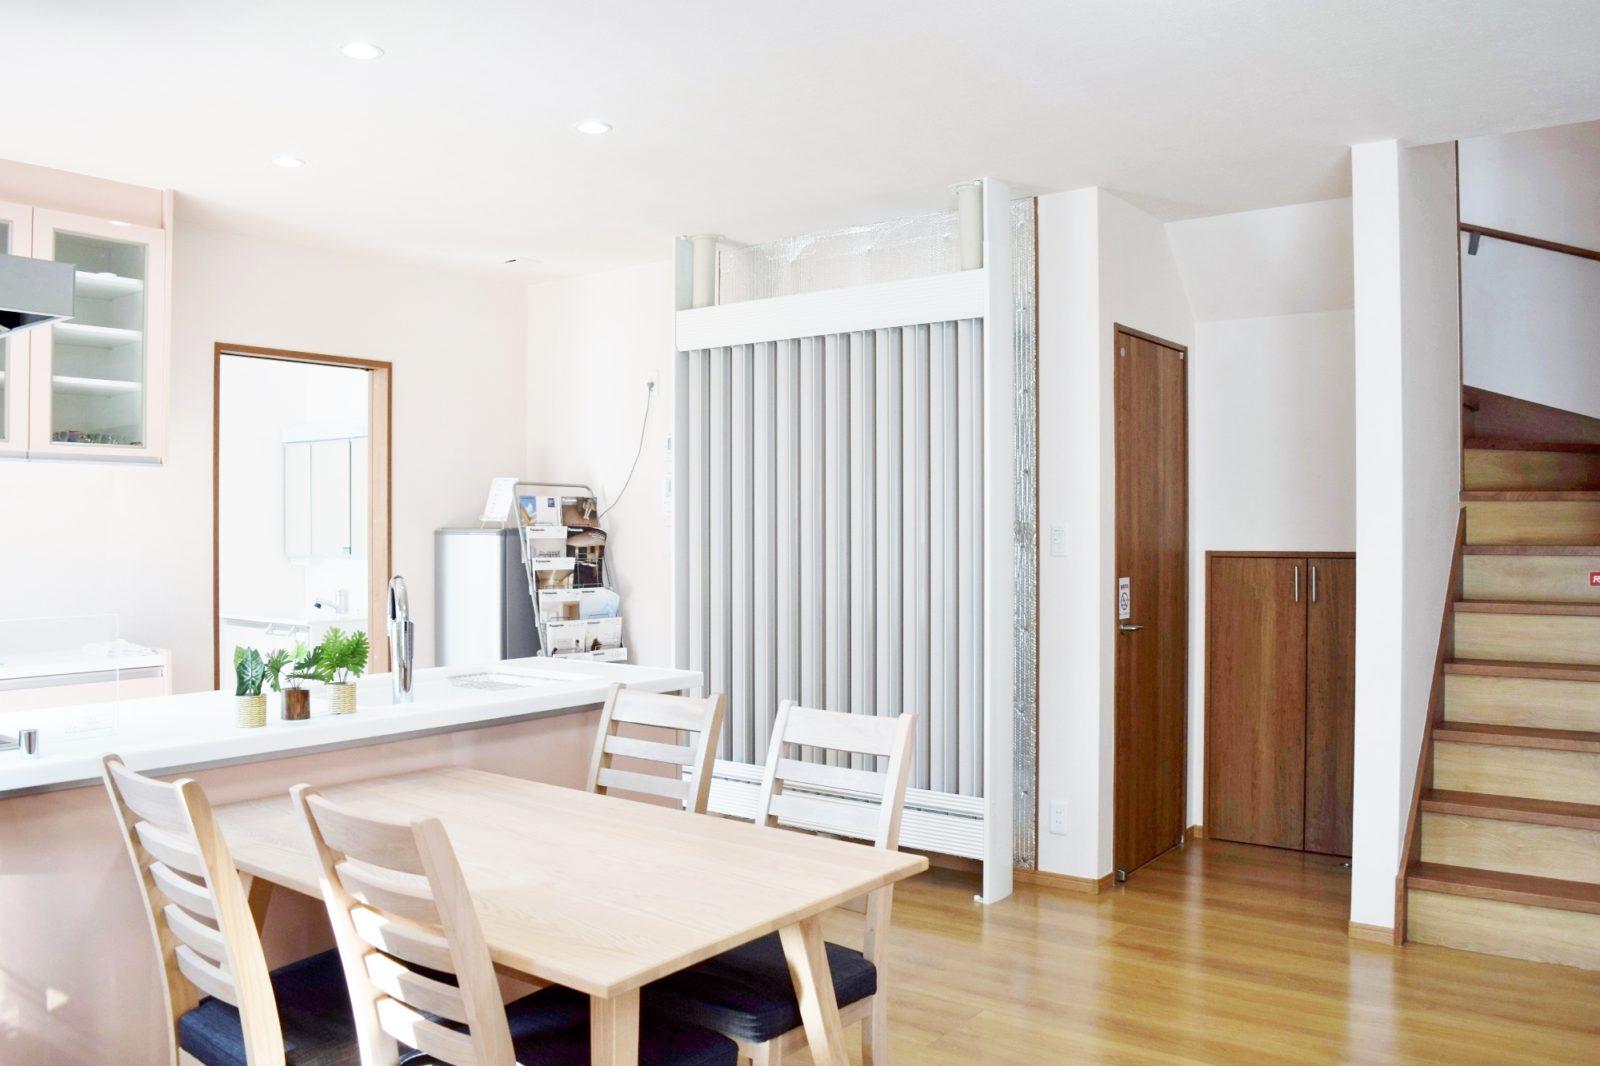 輻射式冷暖房システム光冷暖